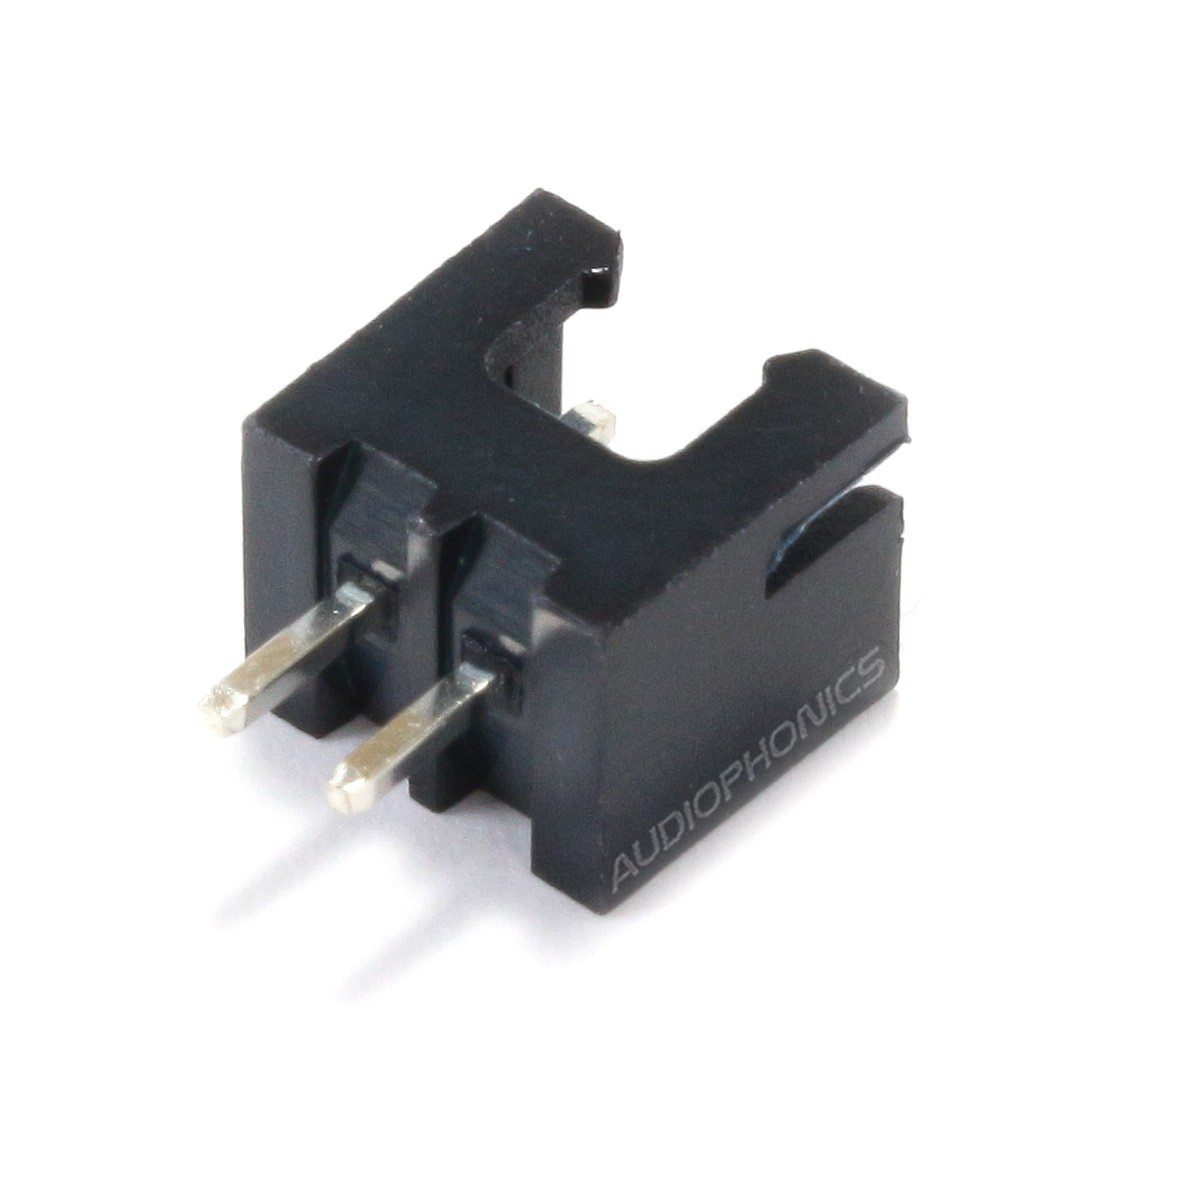 Connecteur Embase XH 2.54mm Mâle 2 Voies Noir (Unité)